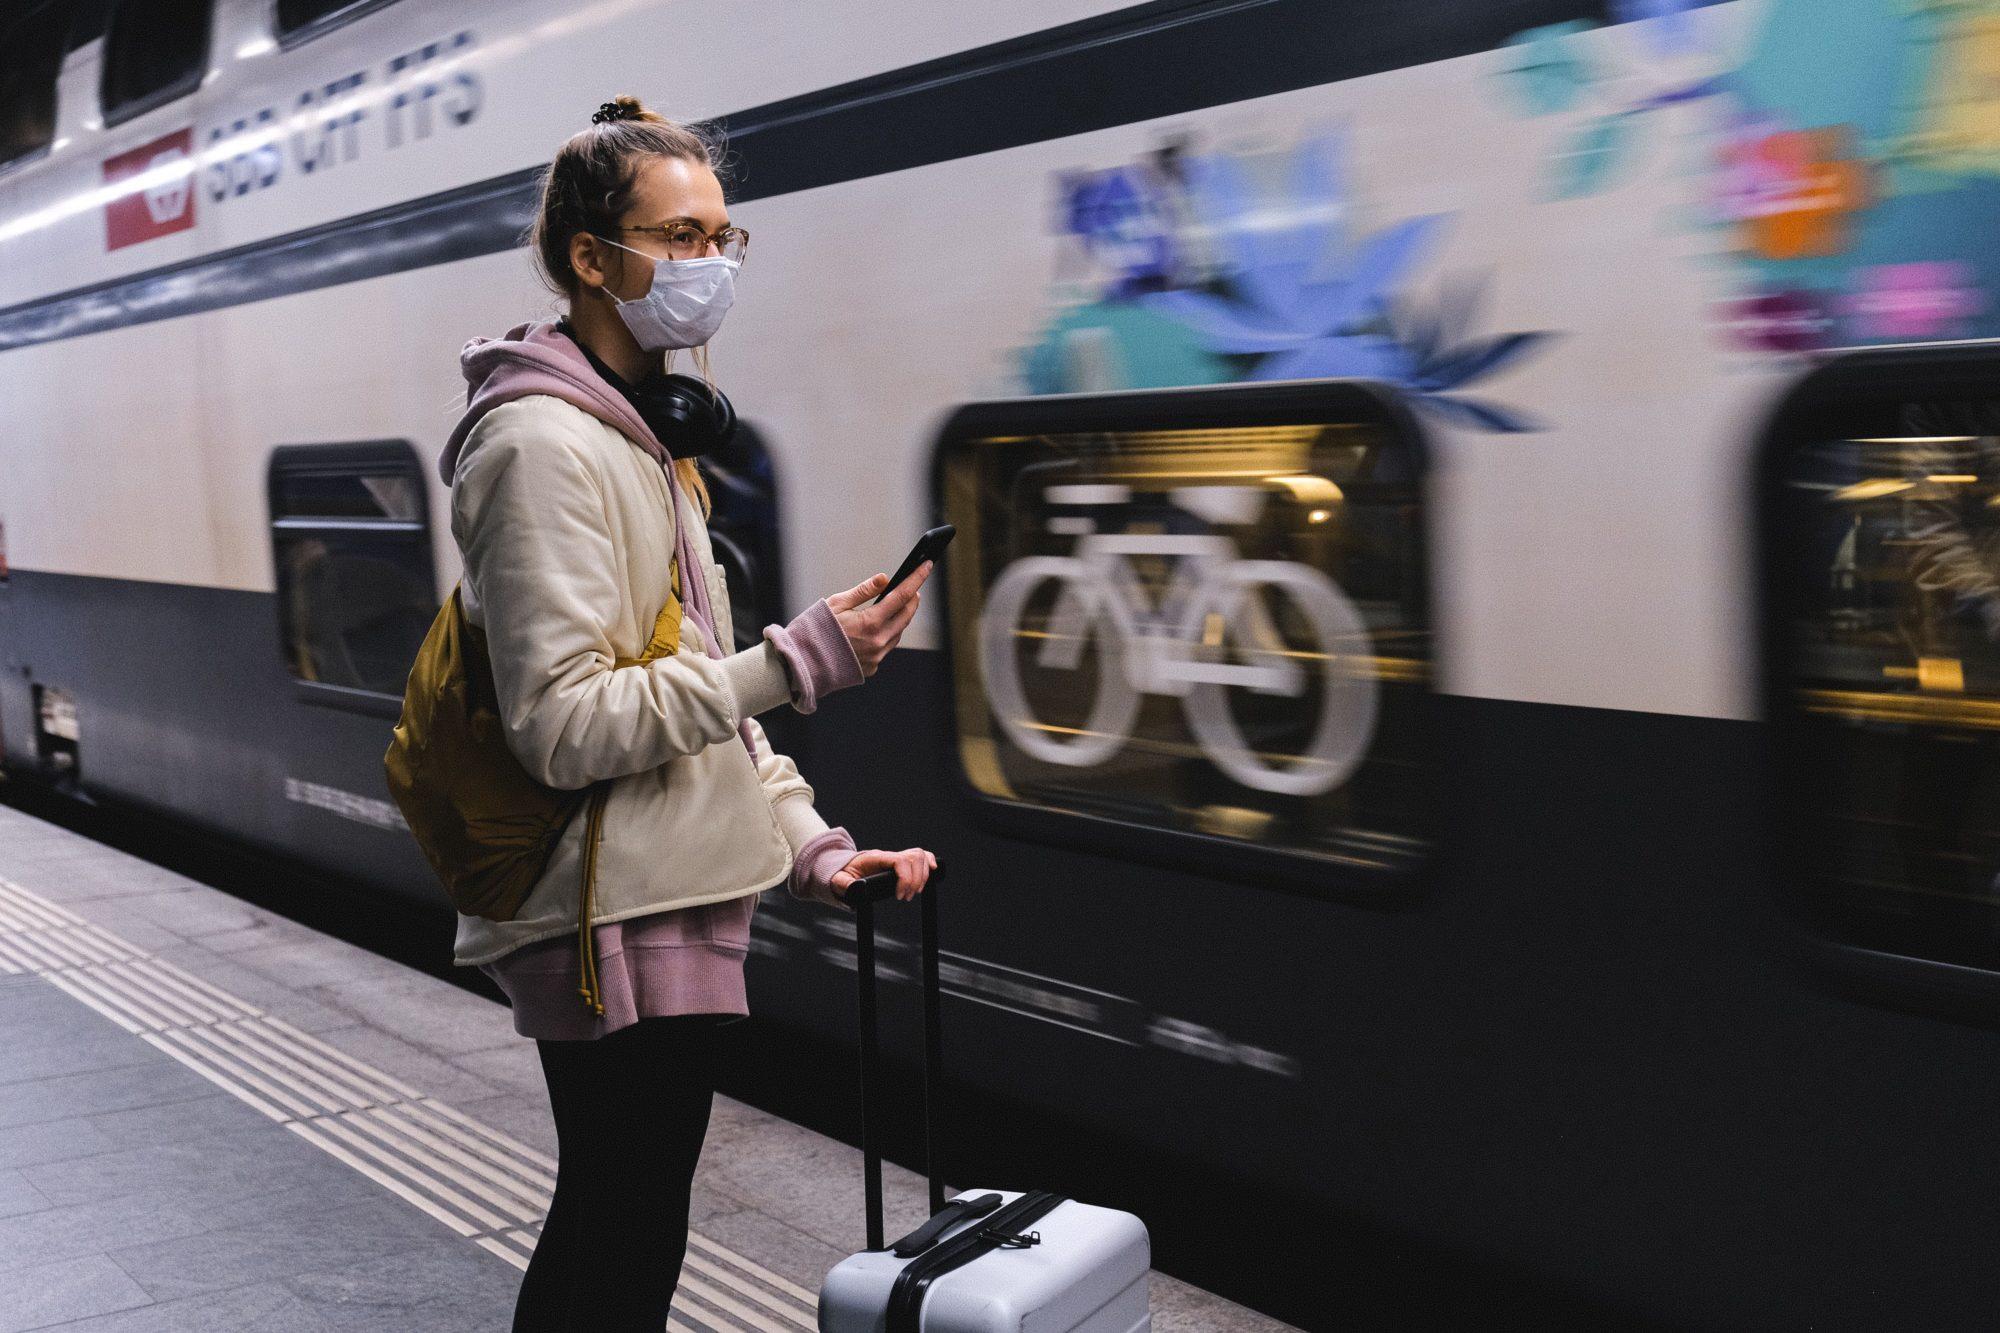 Après la crise sanitaire, les Français prêts à moins se déplacer pour le boulot